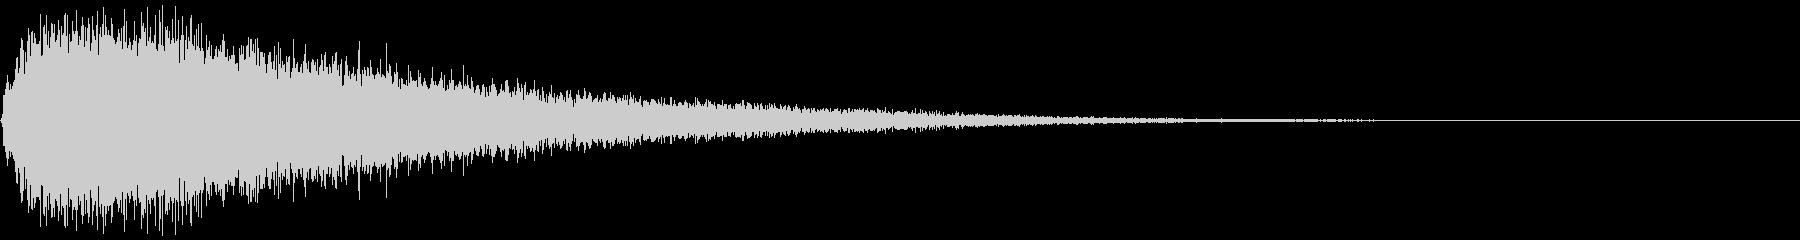 【ホラーゲーム】シンバルの音_ジャーン!の未再生の波形